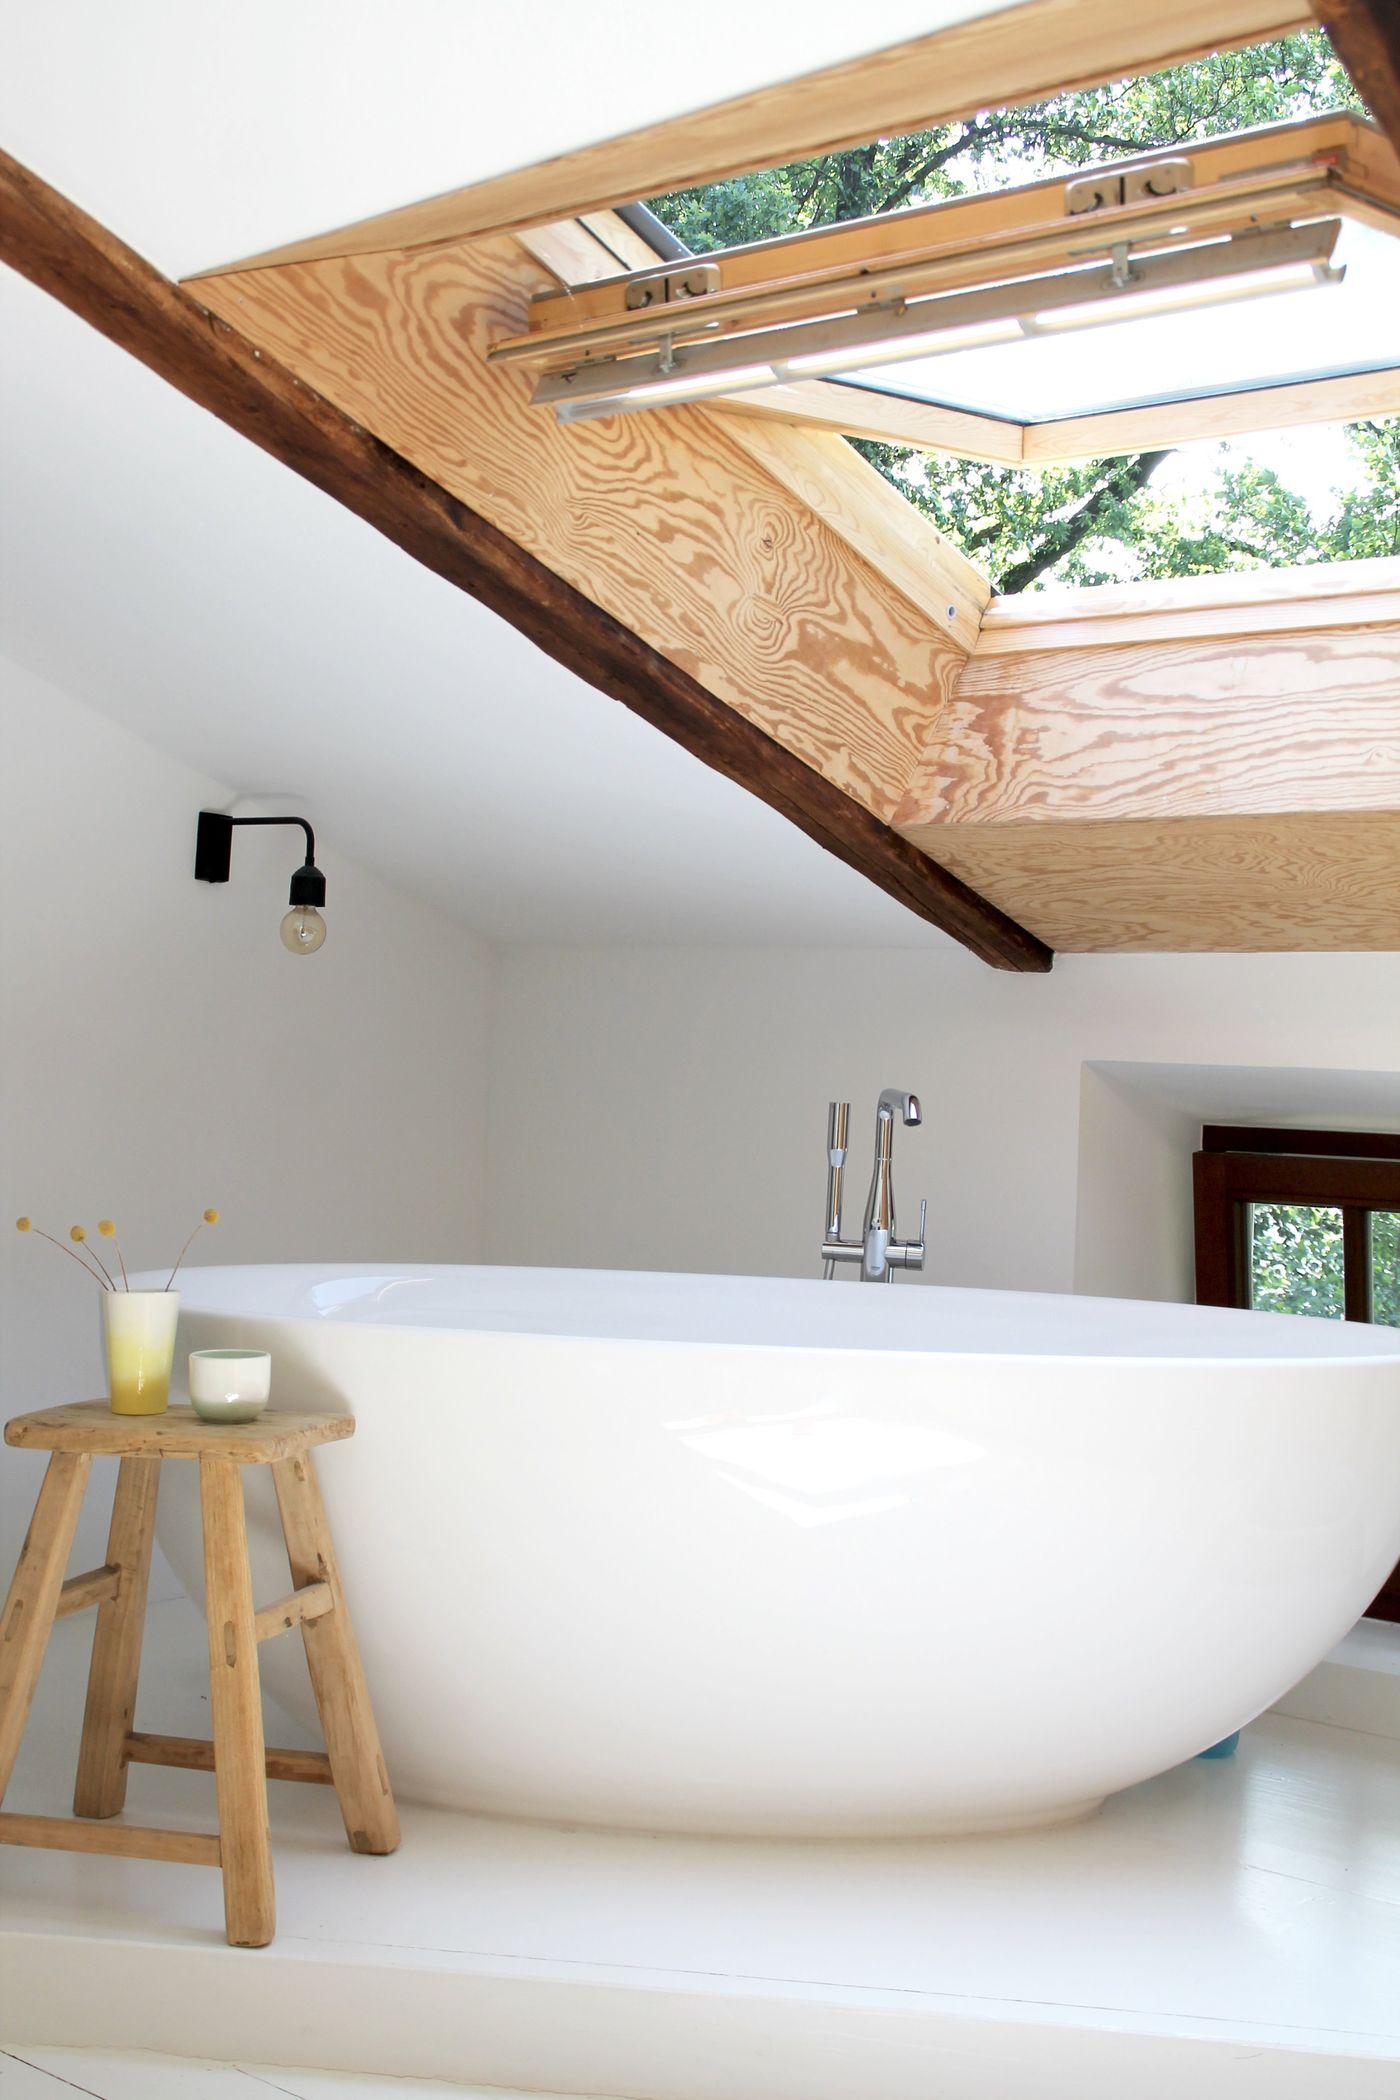 Schöne Badewannen: 150 Bilder aus echten Bädern - Seite 3